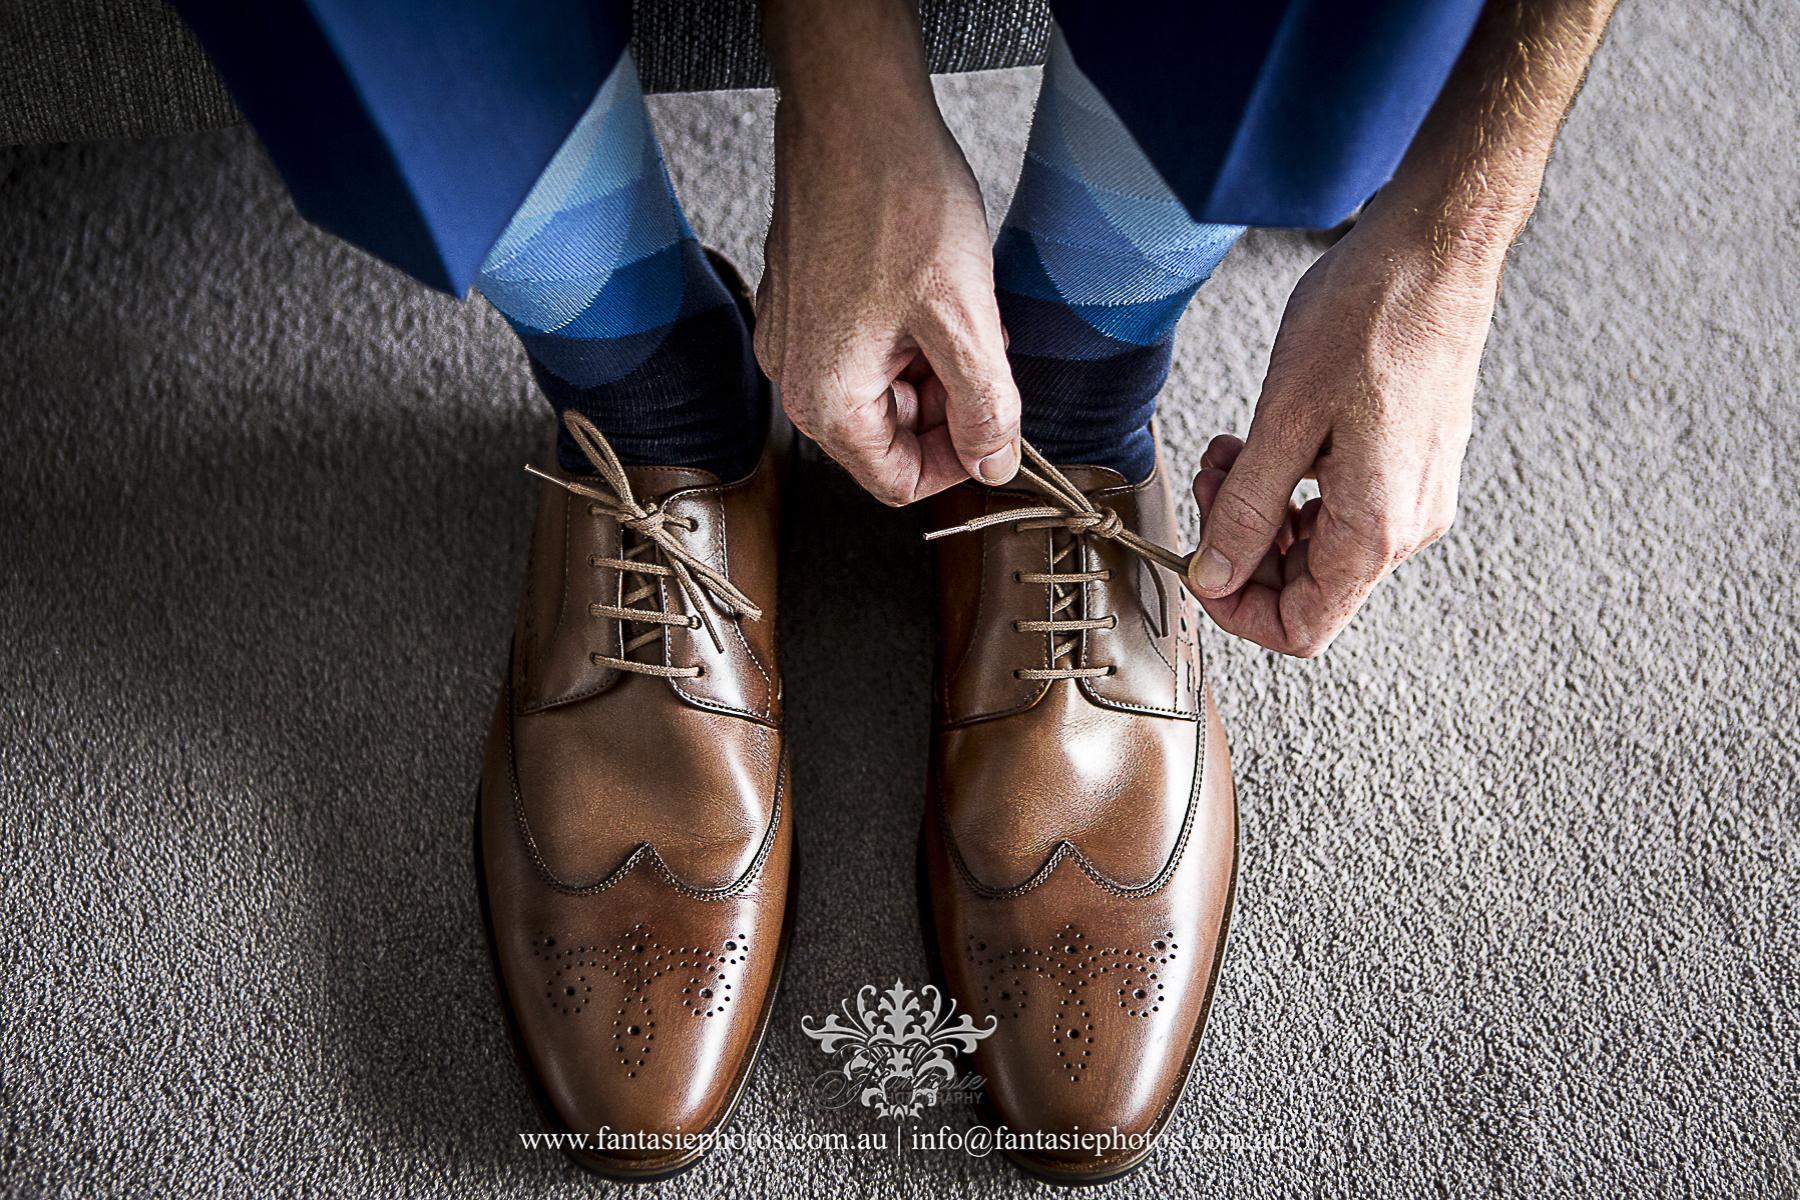 New Stylish Wedding Shoes Groom idea | Fantasie Photography